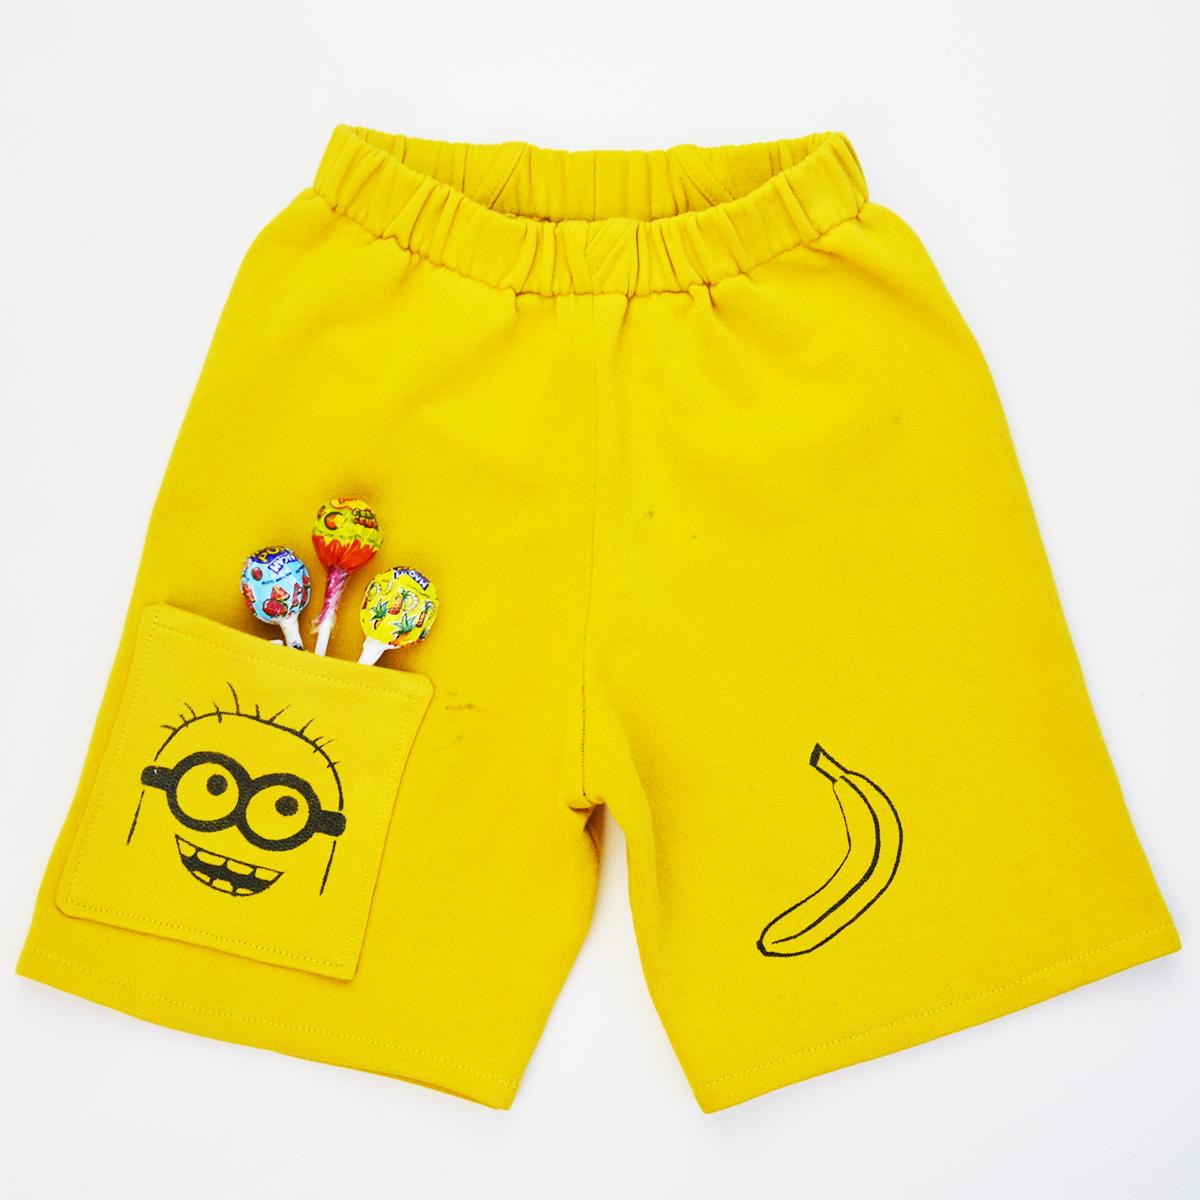 Refashion per bambini: come trasformare pantaloni in pantaloncini